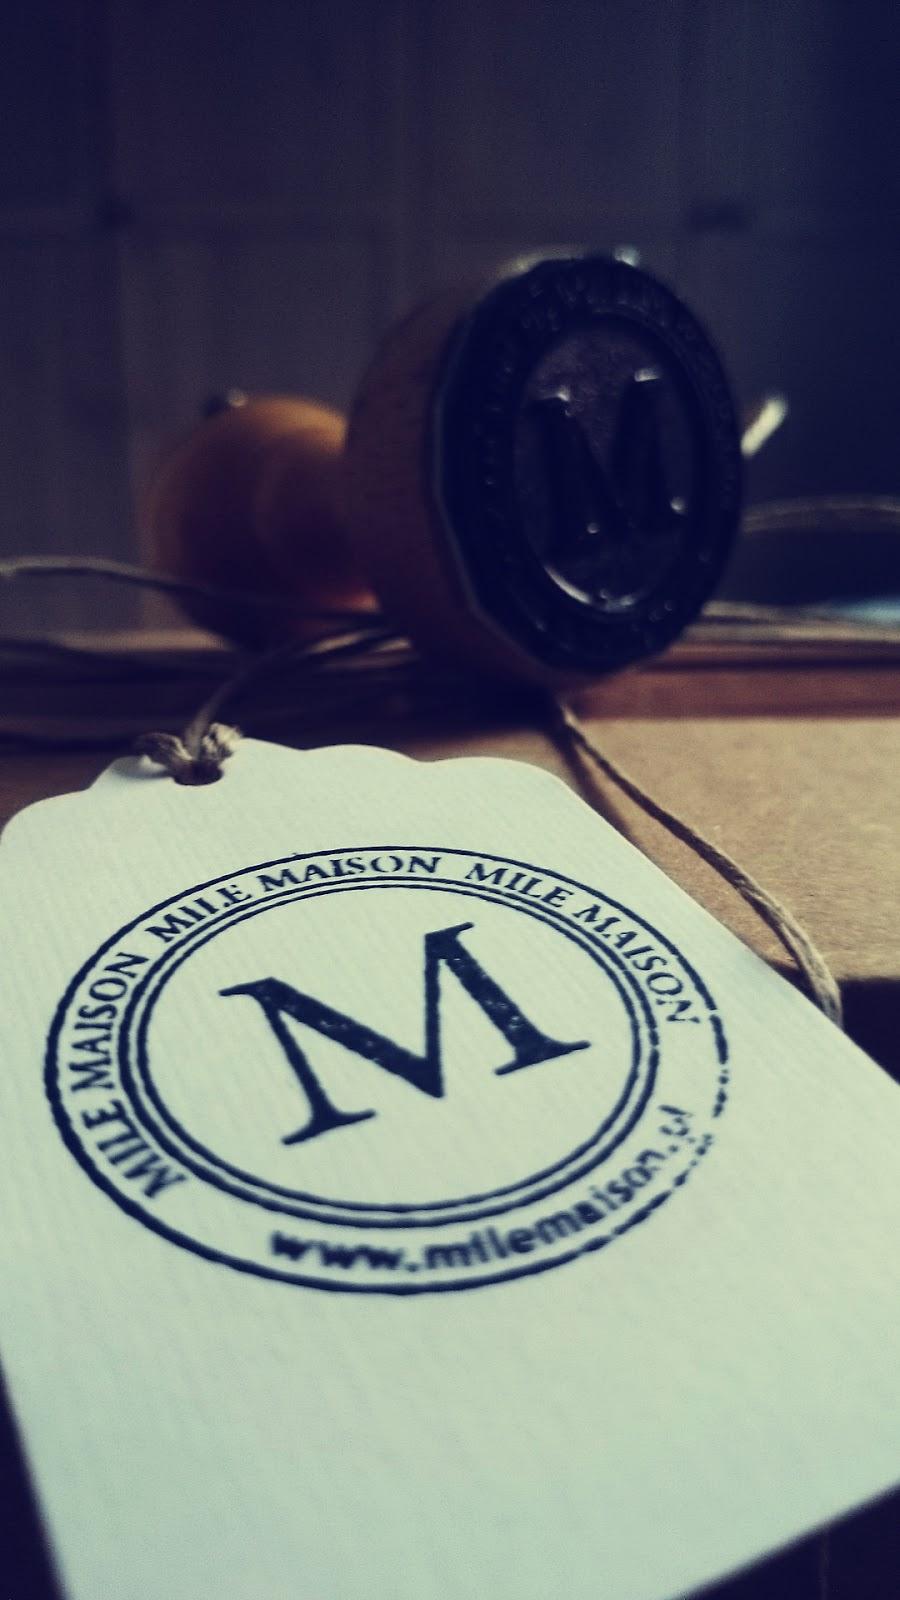 Drewniana pieczęć wnętrzarskiego sklepu Mile Maison i etykietka z pieczęcią